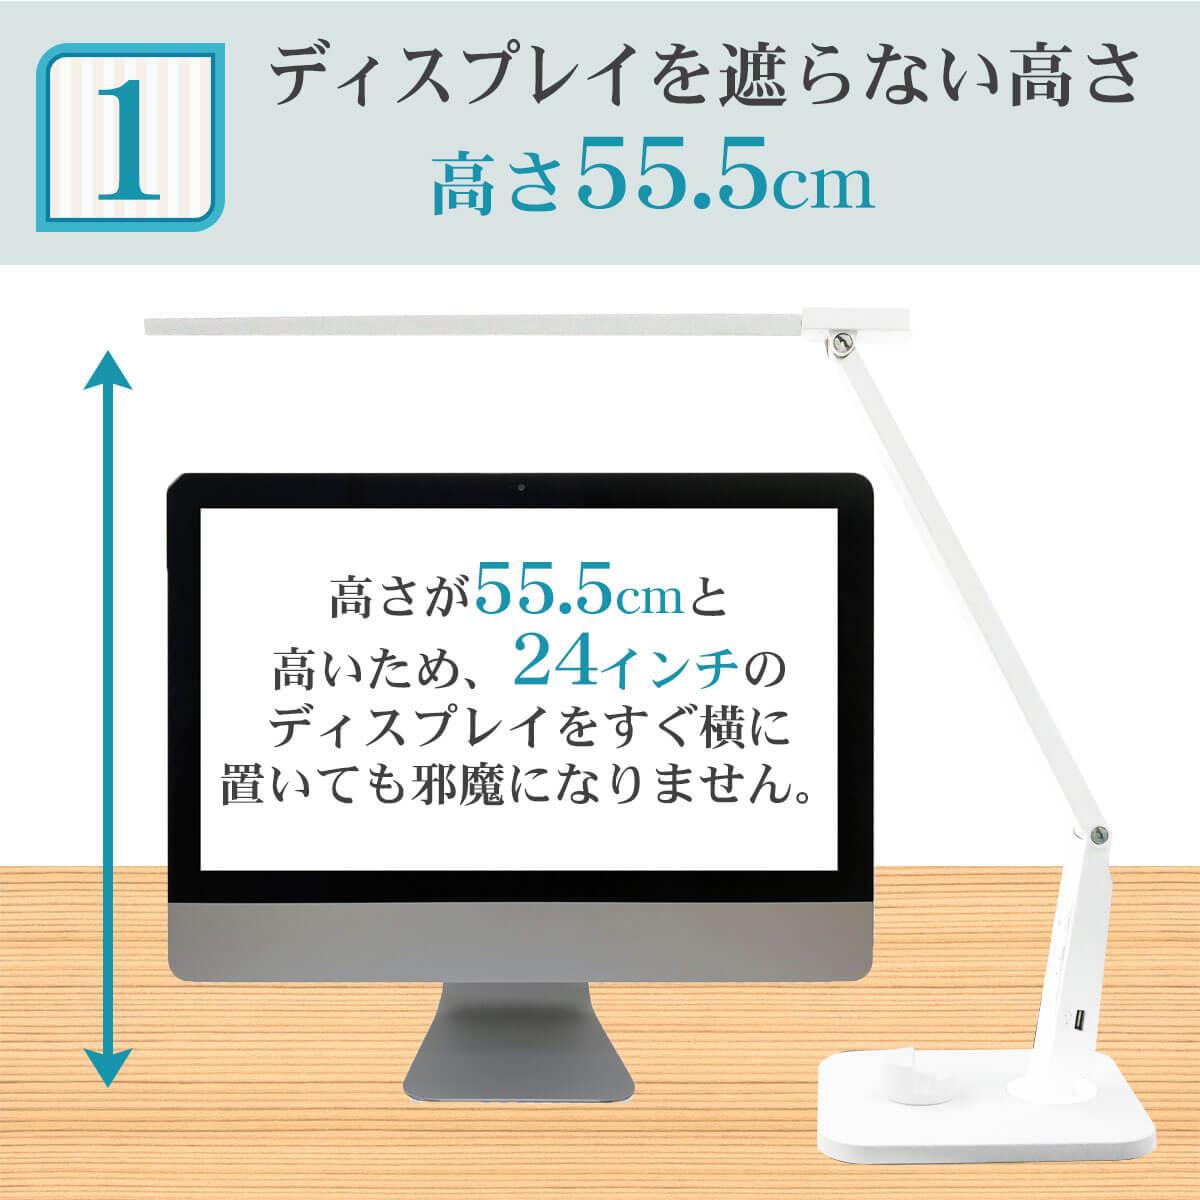 デスクライト 目に優しい 自然光デスクライト テレワーク LEDデスクライト デスクスタンド LEDデスクスタンド ディスプレイ スタディライト Zoom映え 電気スタンド 在宅勤務 1人暮らし 必要なもの